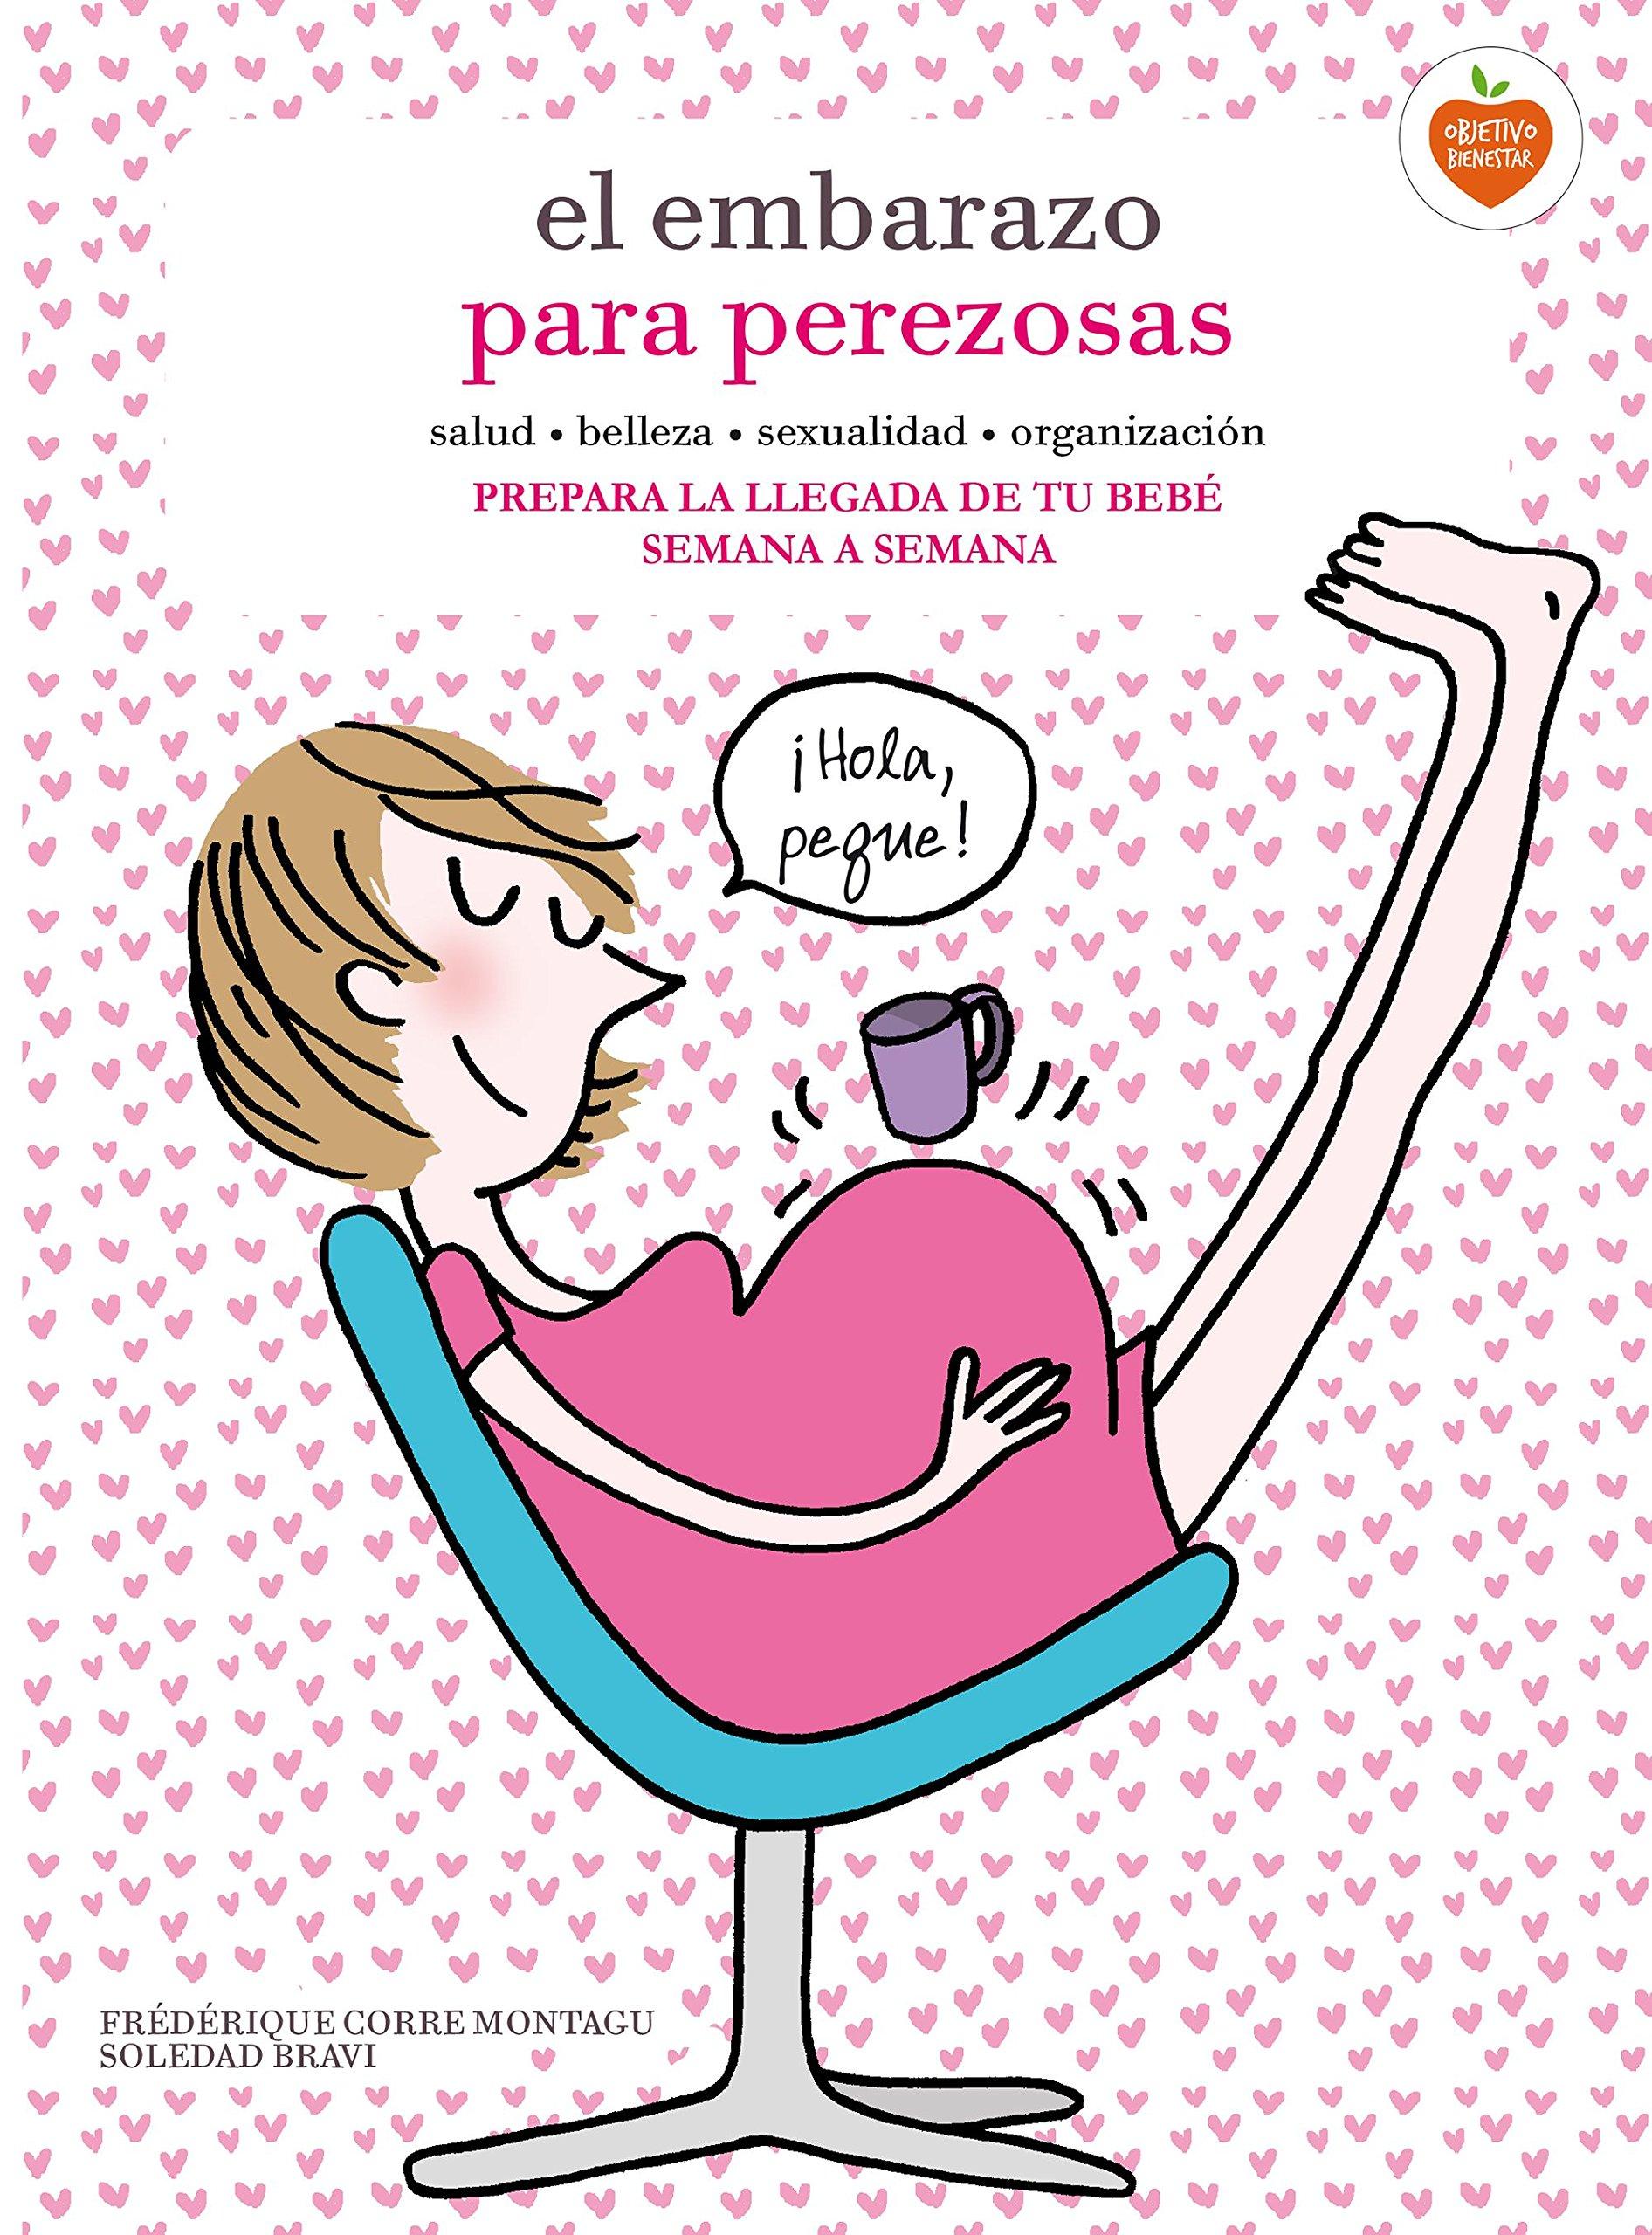 El embarazo para perezosas: Amazon.es: Frédérique Corre Montagu, Soledad Bravi, Carmen Artal Rodríguez: Libros